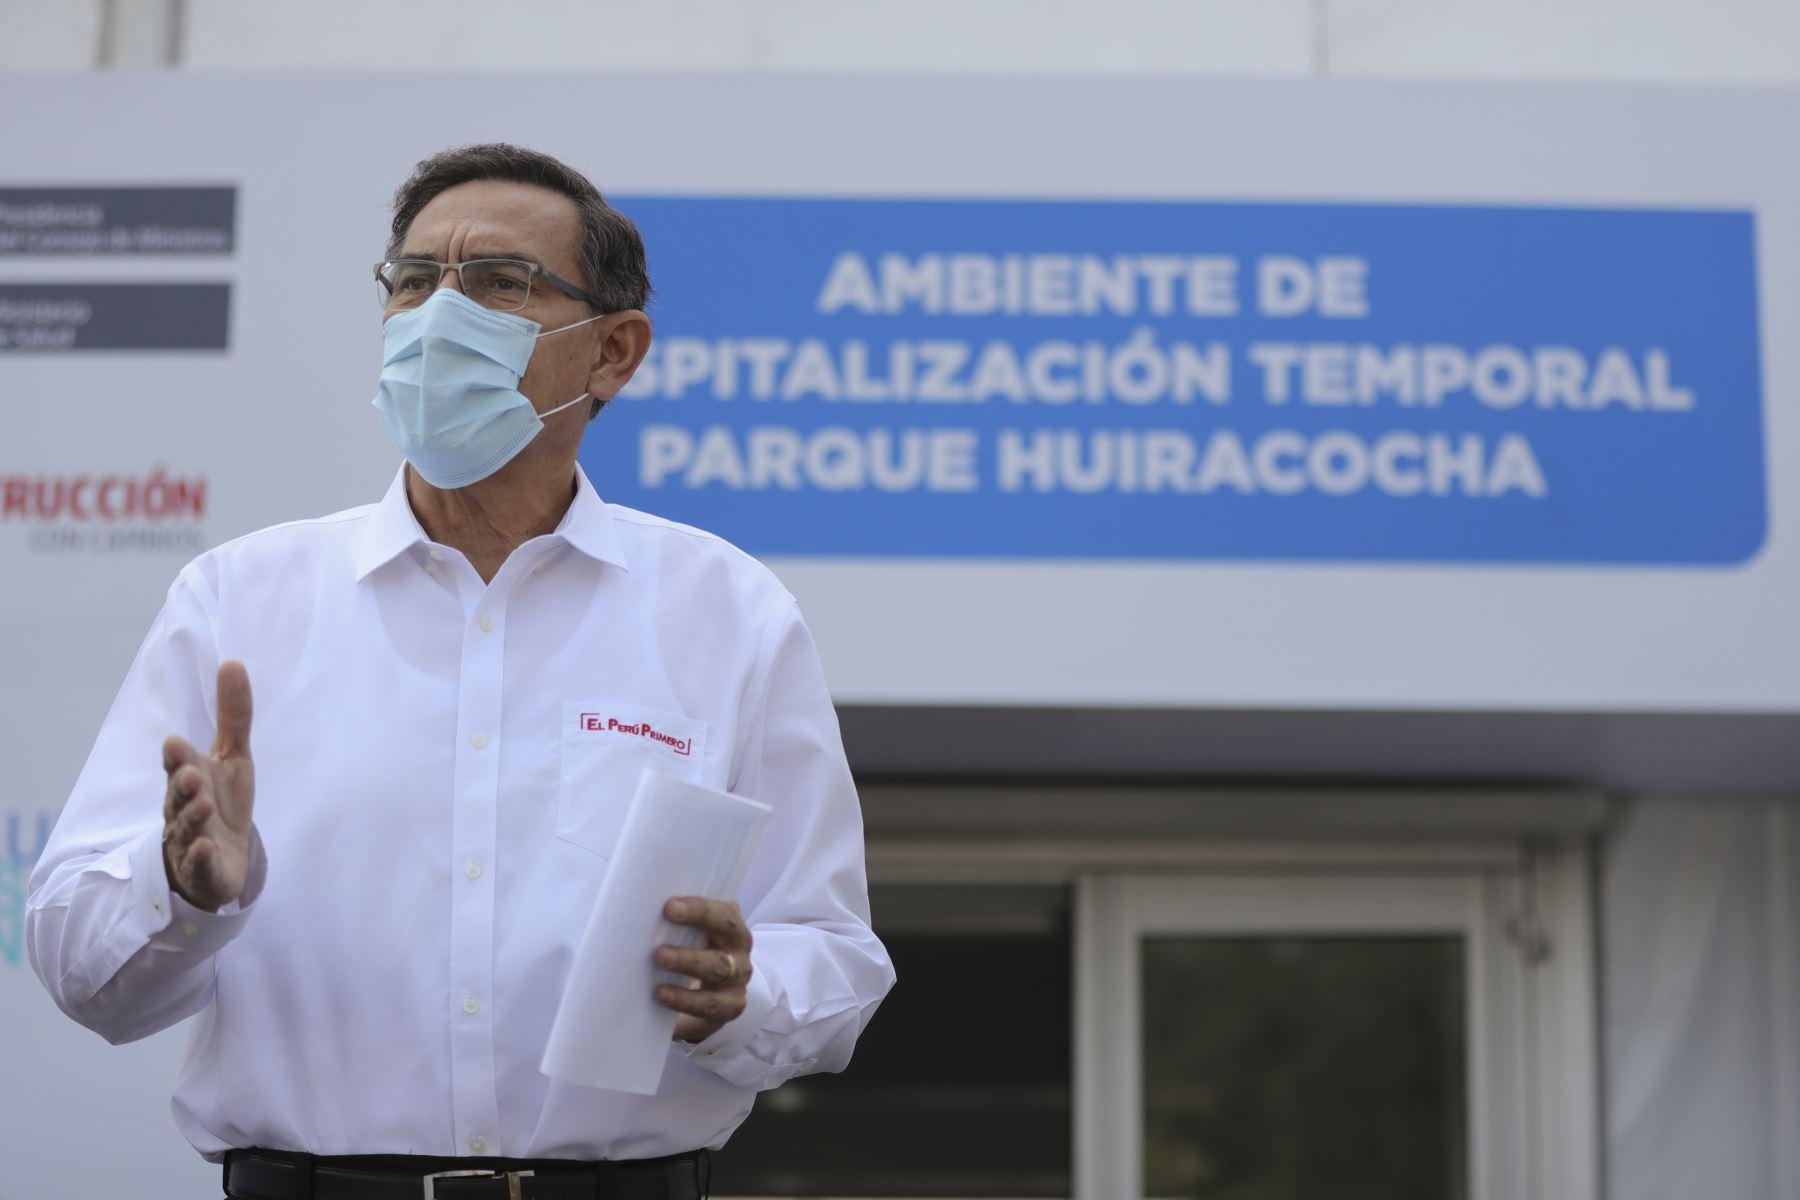 Presidente de la República, Martín Vizcarra  presenta el ambiente de Hospitalización Temporal Parque Huiracocha, ubicado en San Juan de Lurigancho, para la atención de pacientes leves moderados con COVID-19. Foto: ANDINA/Prensa Presidencia